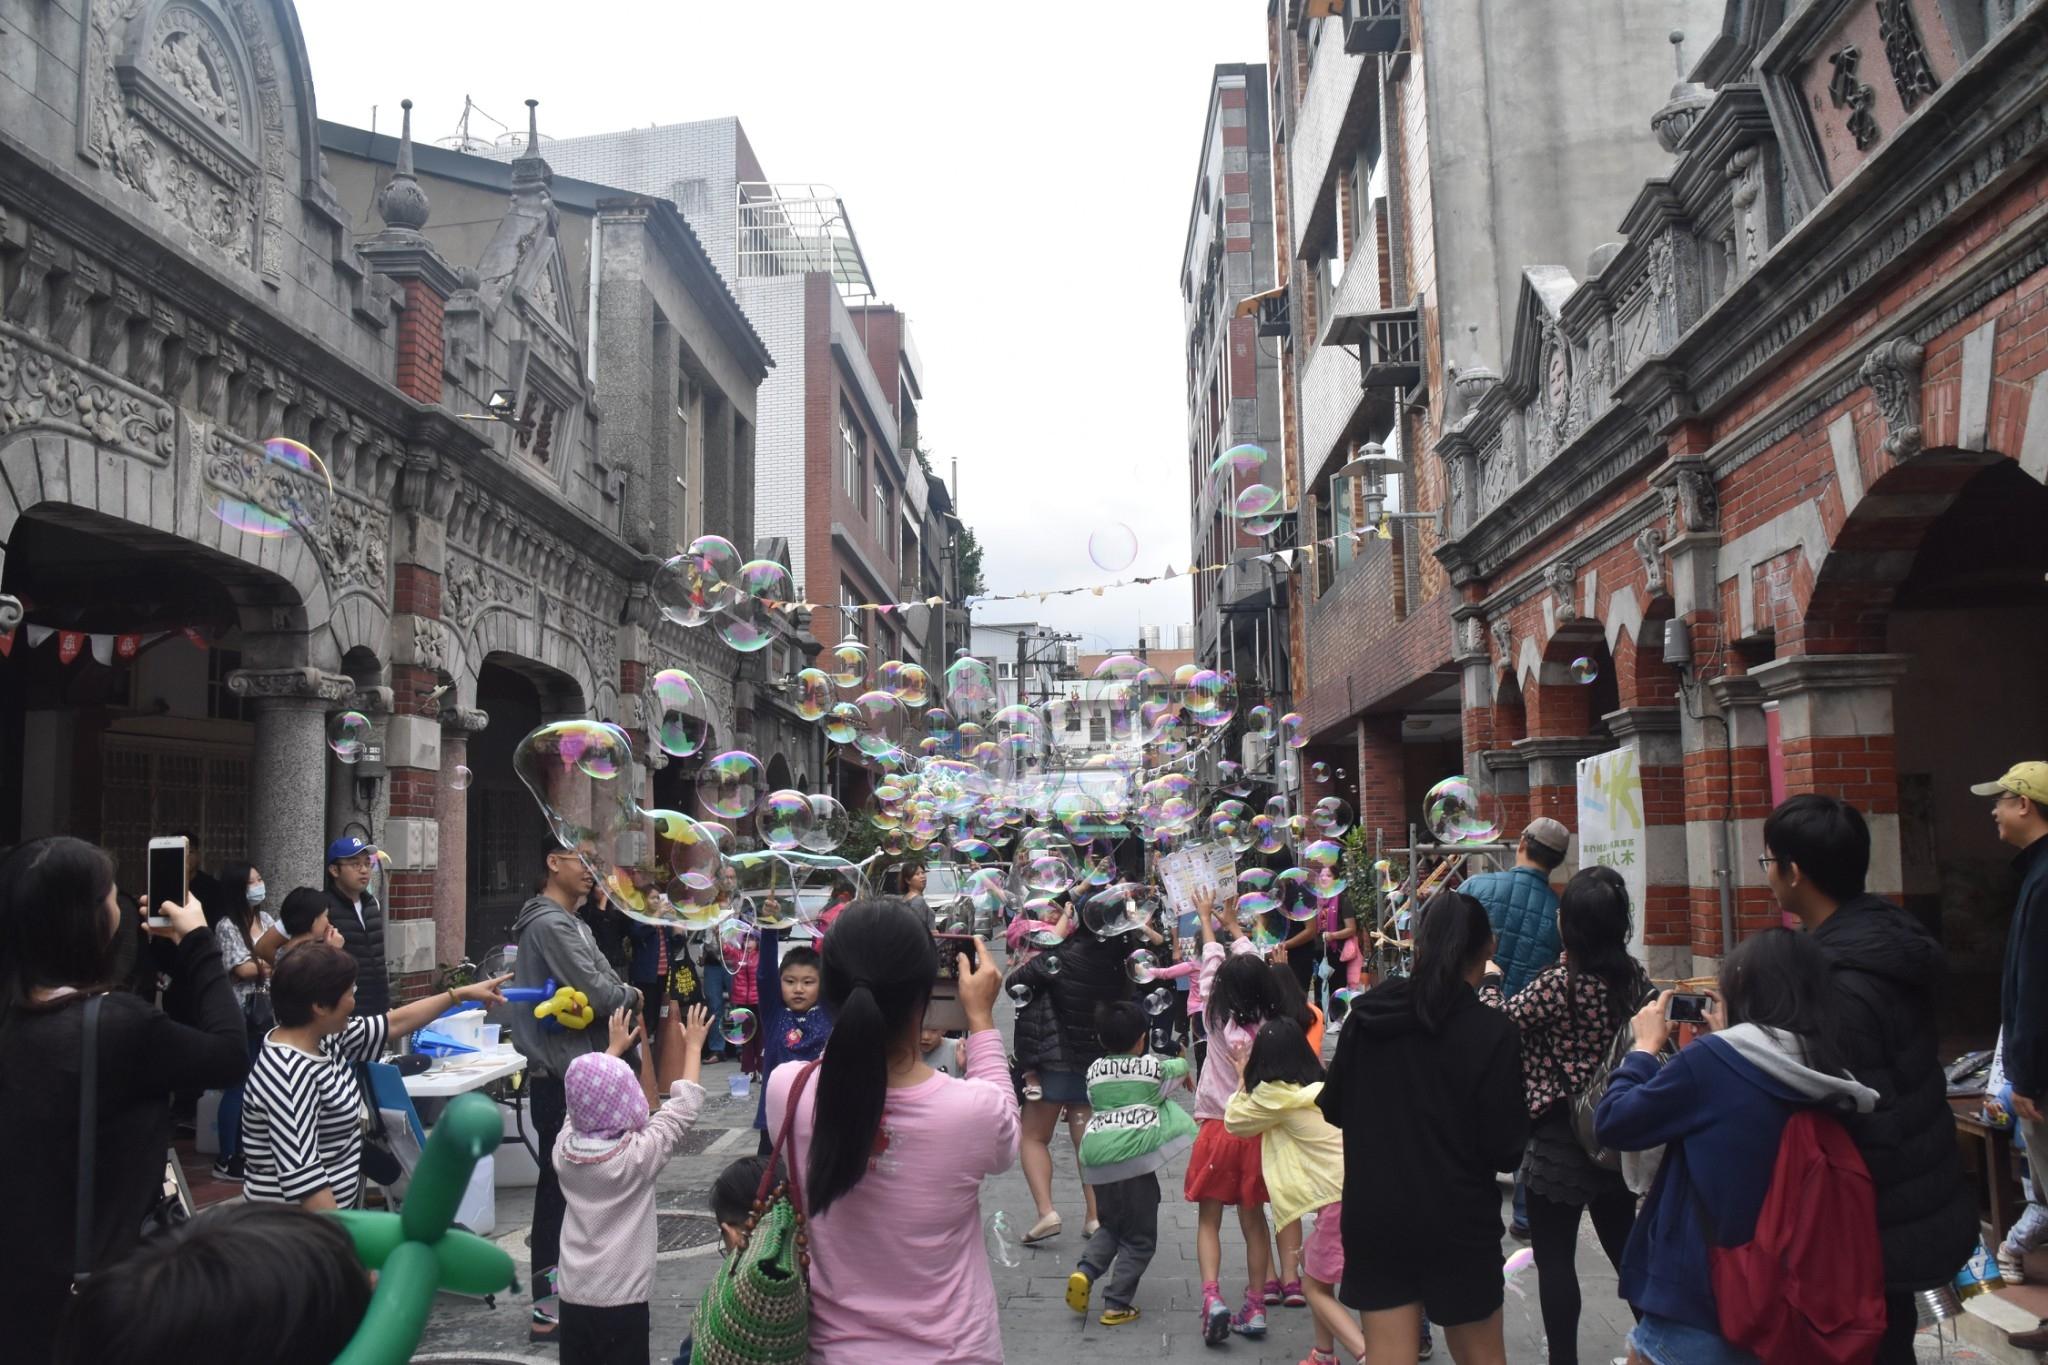 在老街上吹泡泡頗有懷舊童趣